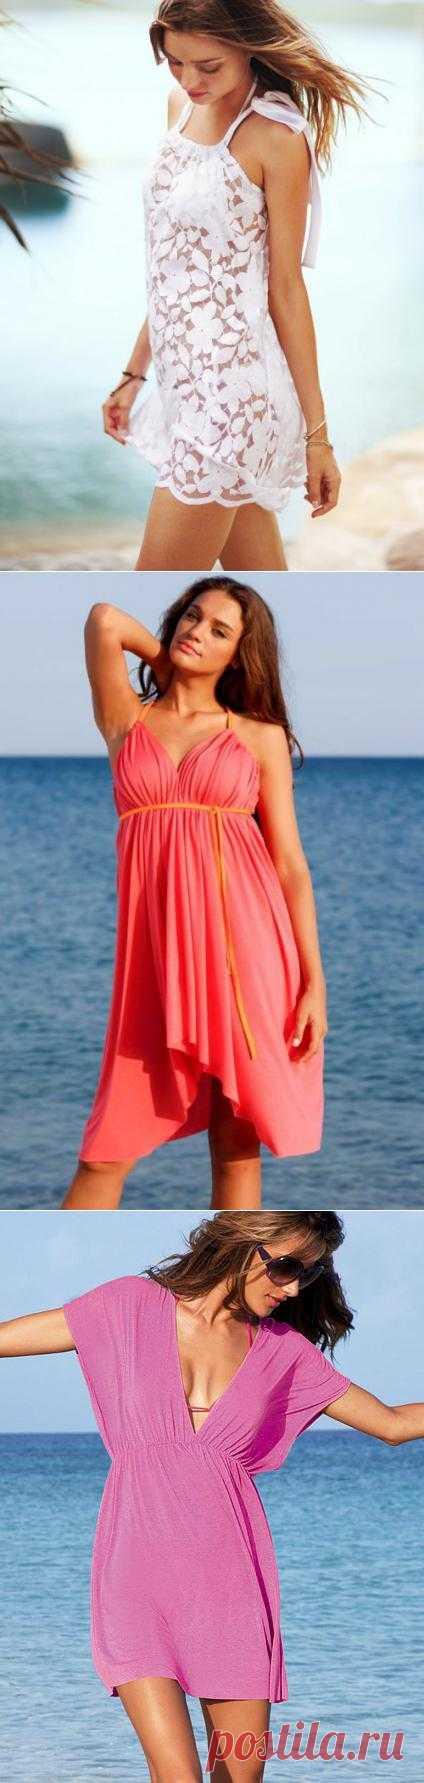 Сшить летнее платье под силу даже новичку. И специально для вас быстрые варианты как сшить платье летнее и 5 выкроек с описанием.